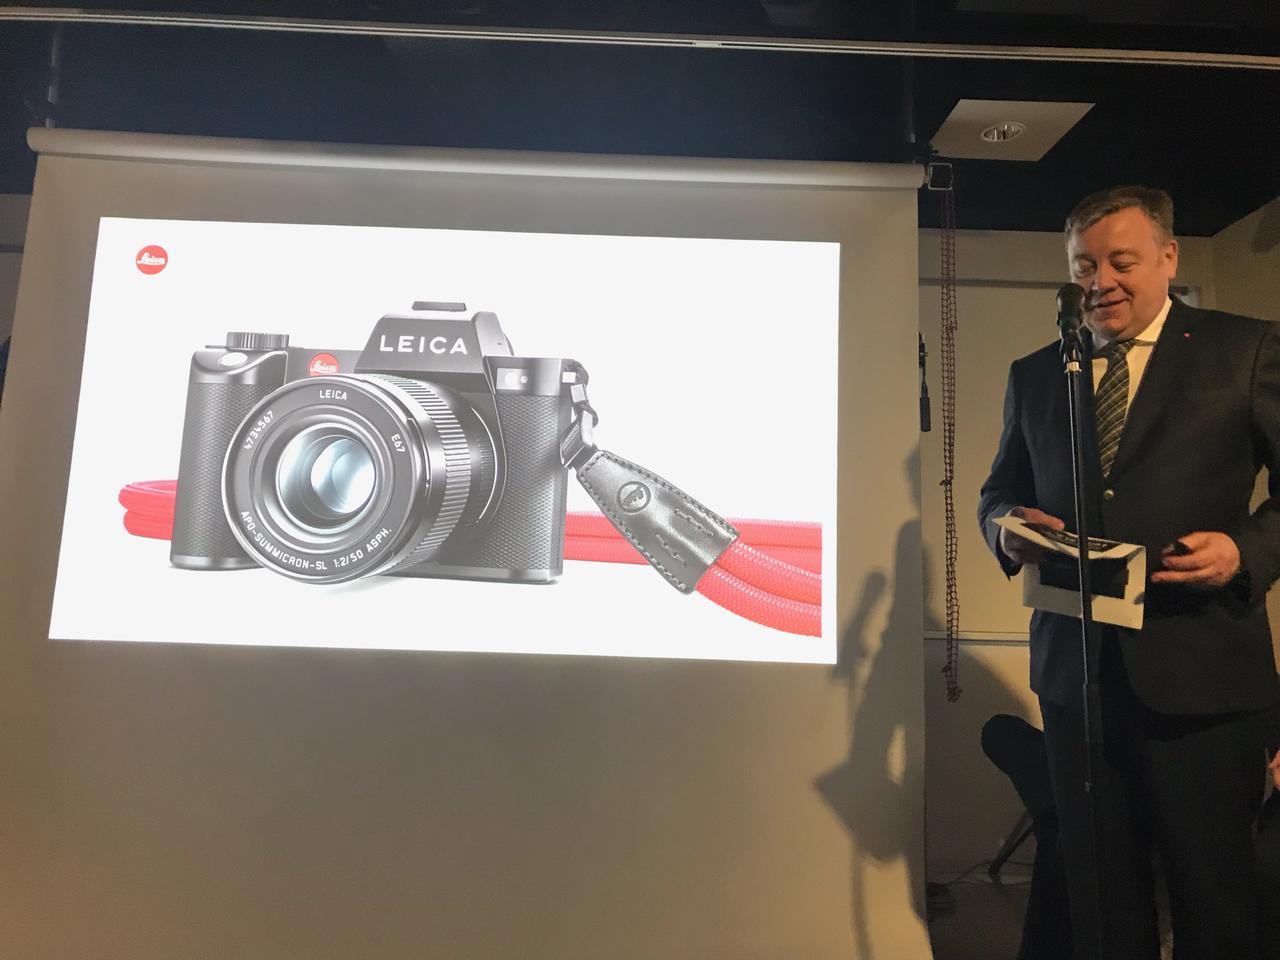 画像: ▲ライカカメラ社のカメラ開発責任者であるステファン・ダニエル氏によるプレゼンテーション。